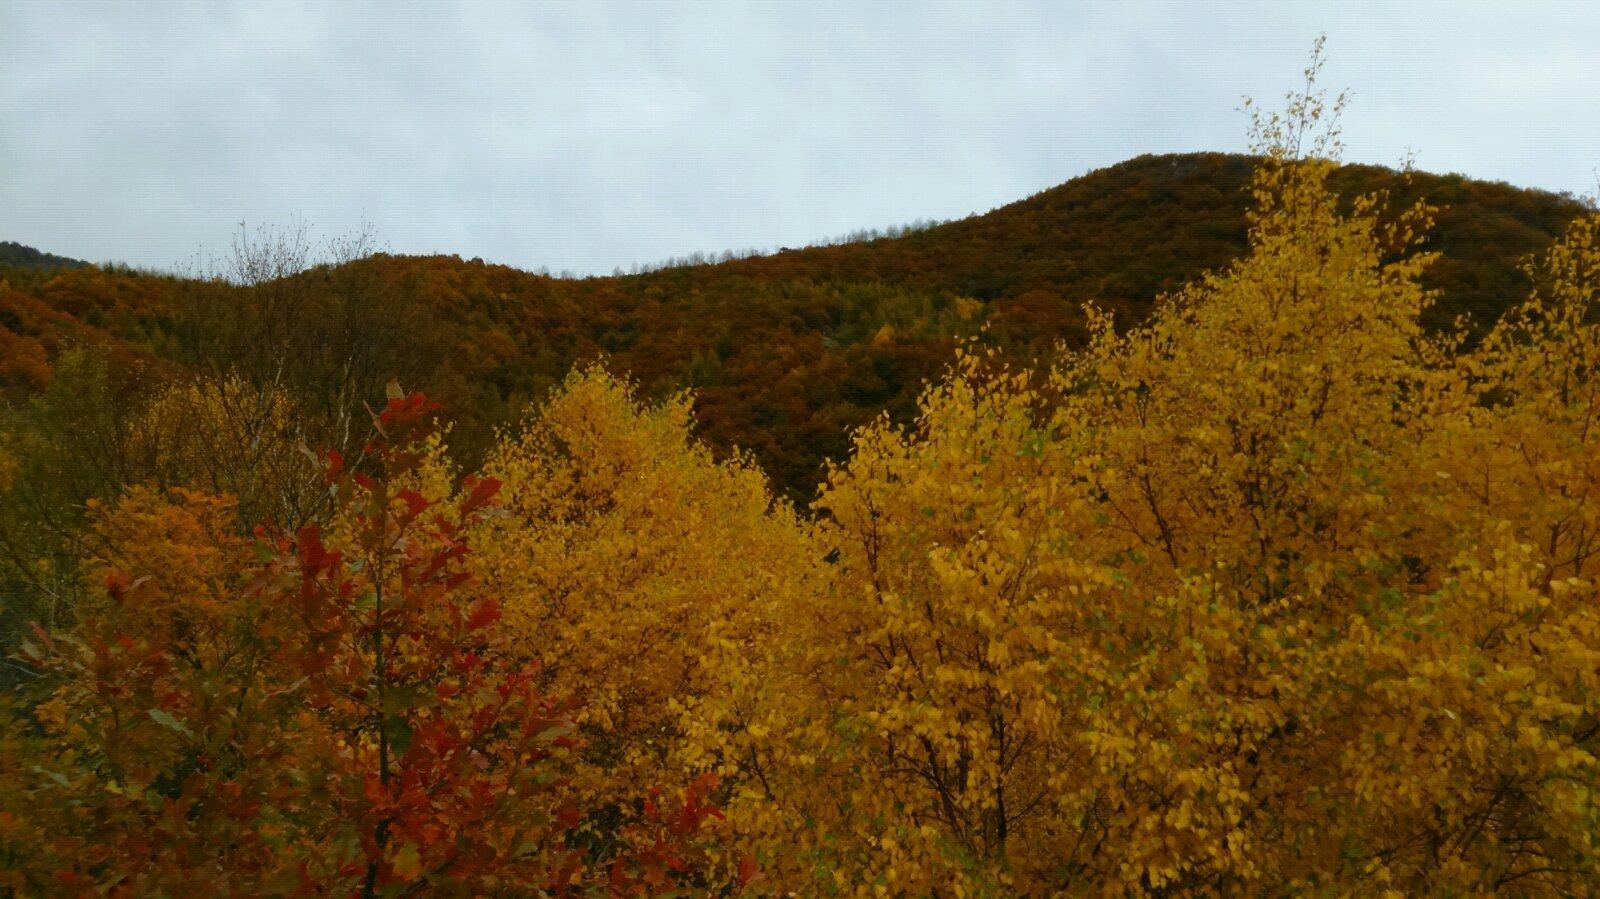 房山地质公园百花山风景区,可以自驾车开到山顶,山路崎岖,基本都是